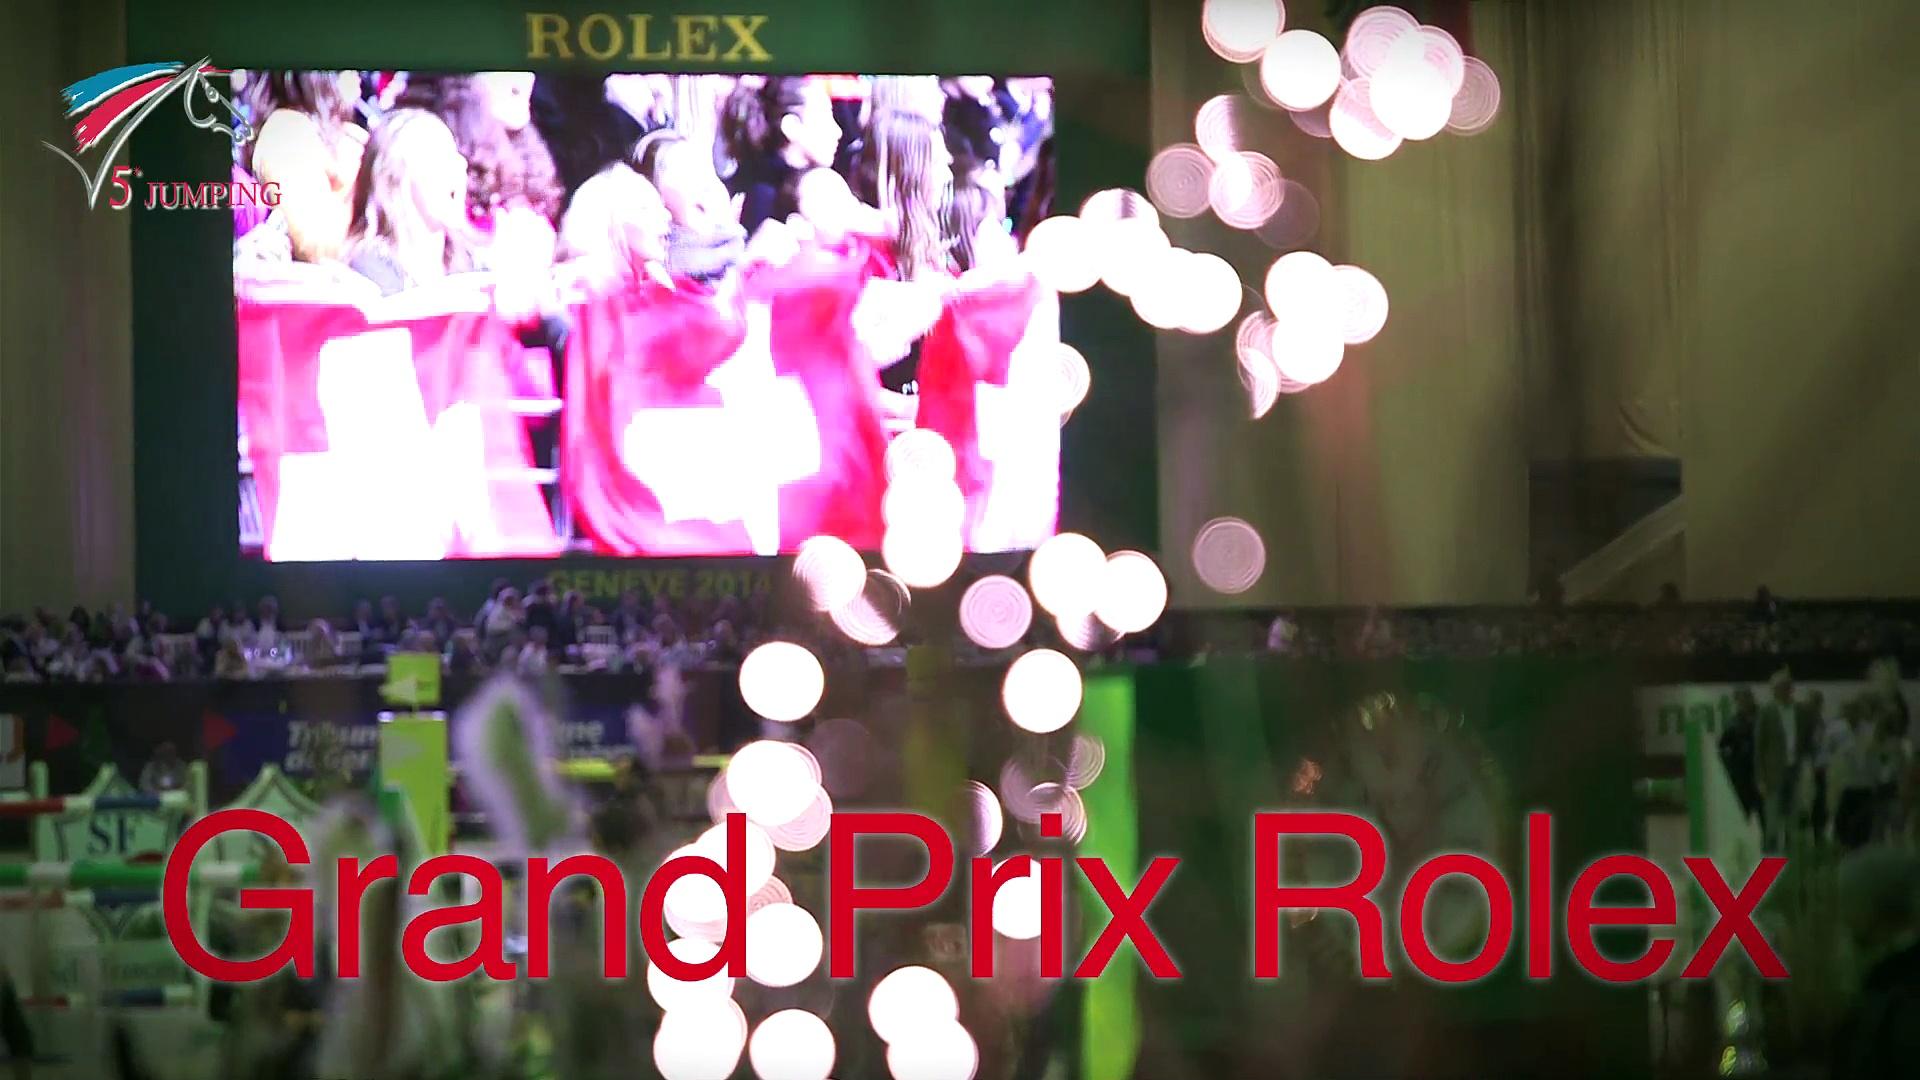 Grand Prix Rolex